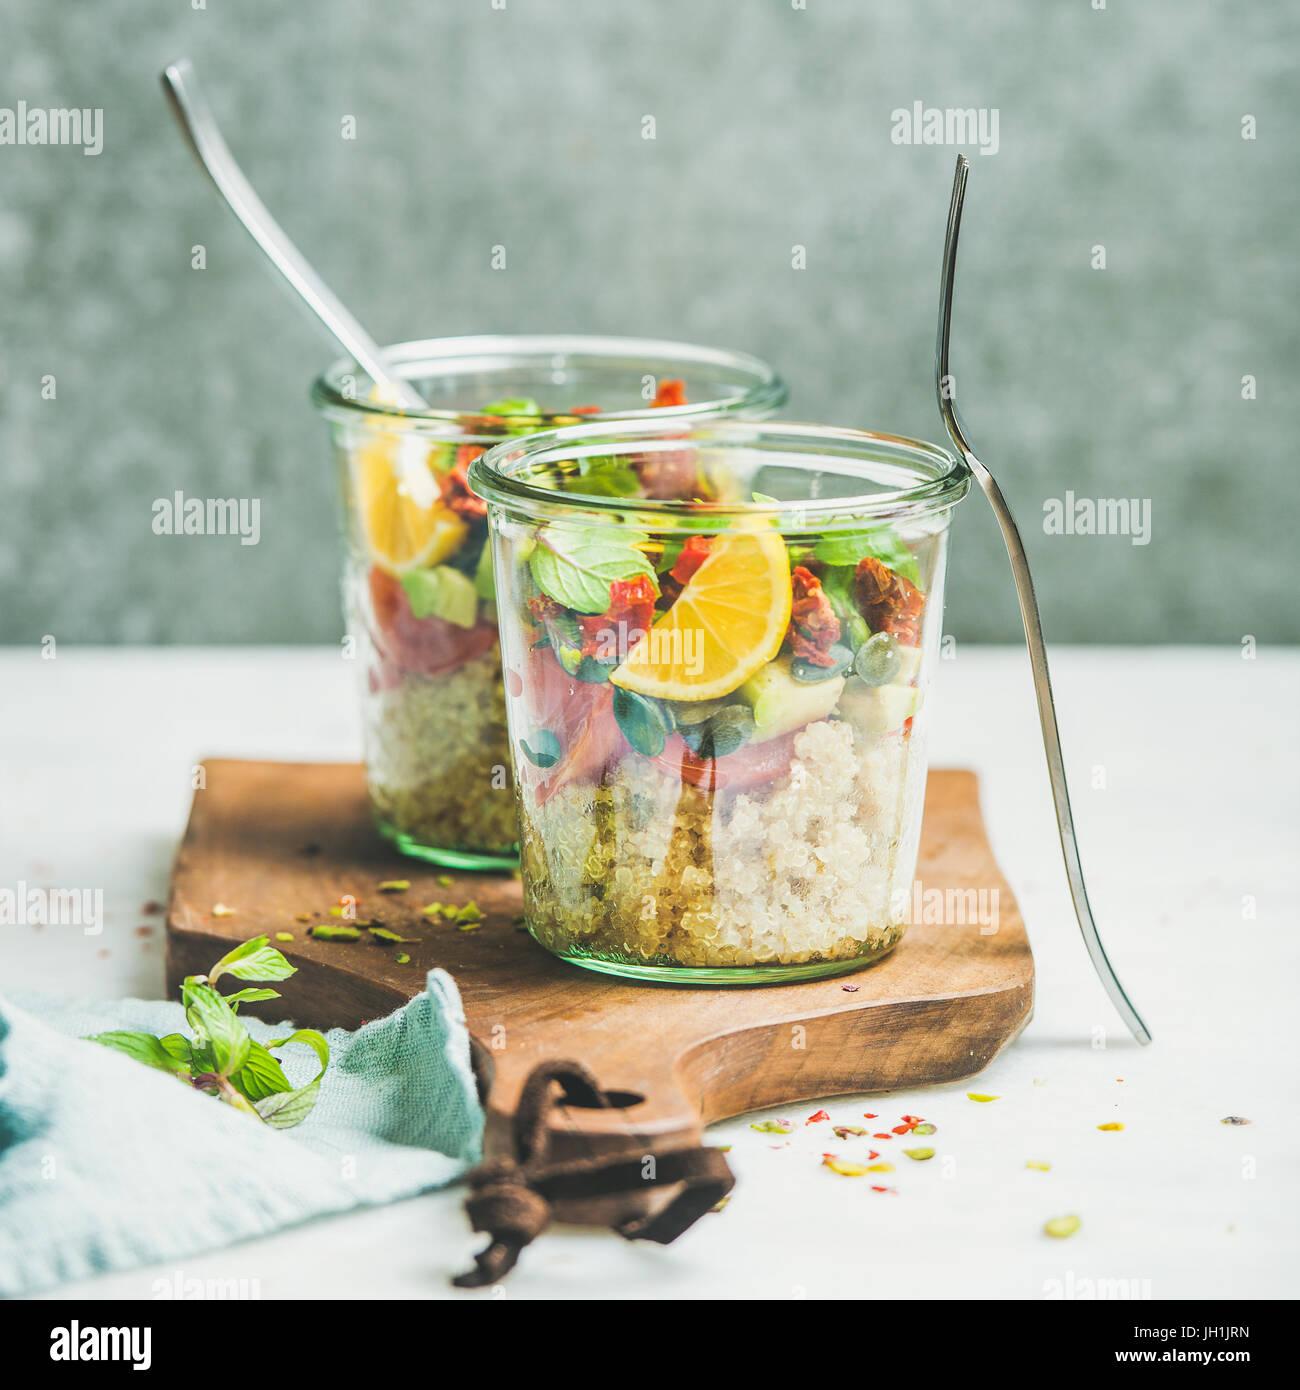 Salade végétarienne saine avec quionoa, Avocat, tomates séchées Photo Stock